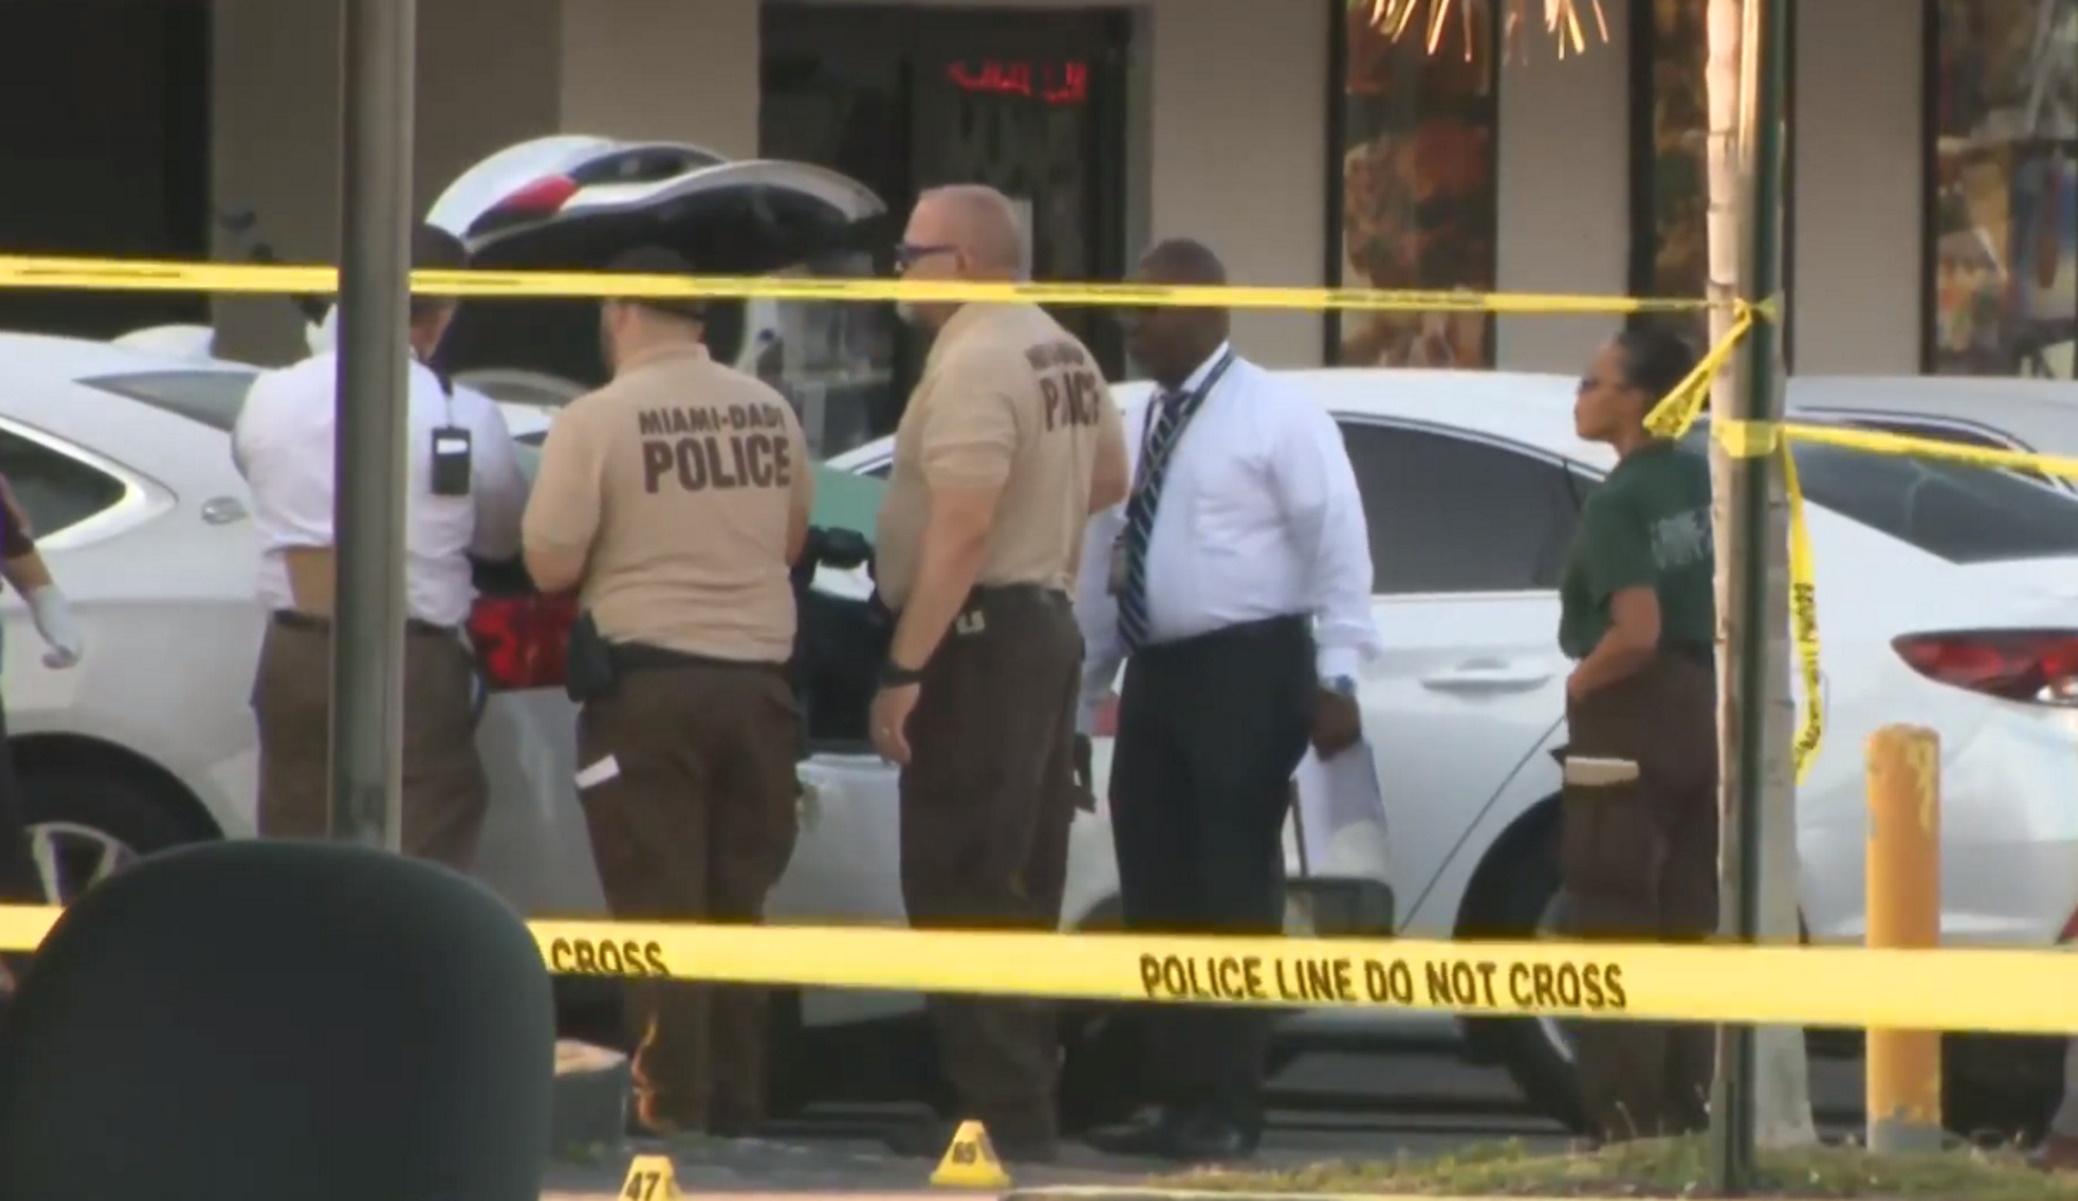 Μακελειό στη Φλόριντα: Δύο νεκροί και πάνω από 20 τραυματίες έξω από κλαμπ (pics, vid)